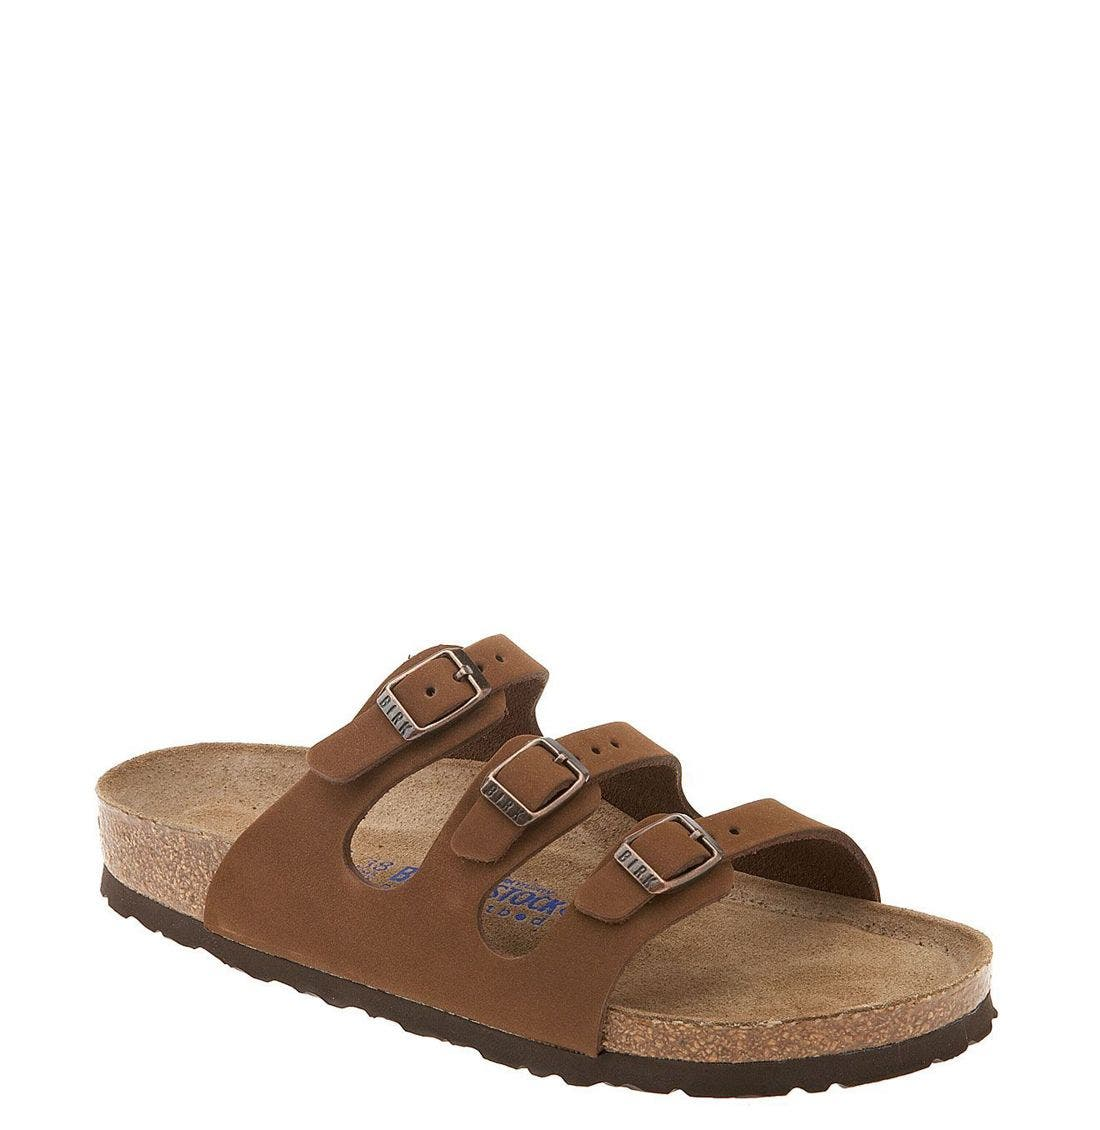 Alternate Image 1 Selected - Birkenstock 'Florida' Soft Footbed Sandal (Women)